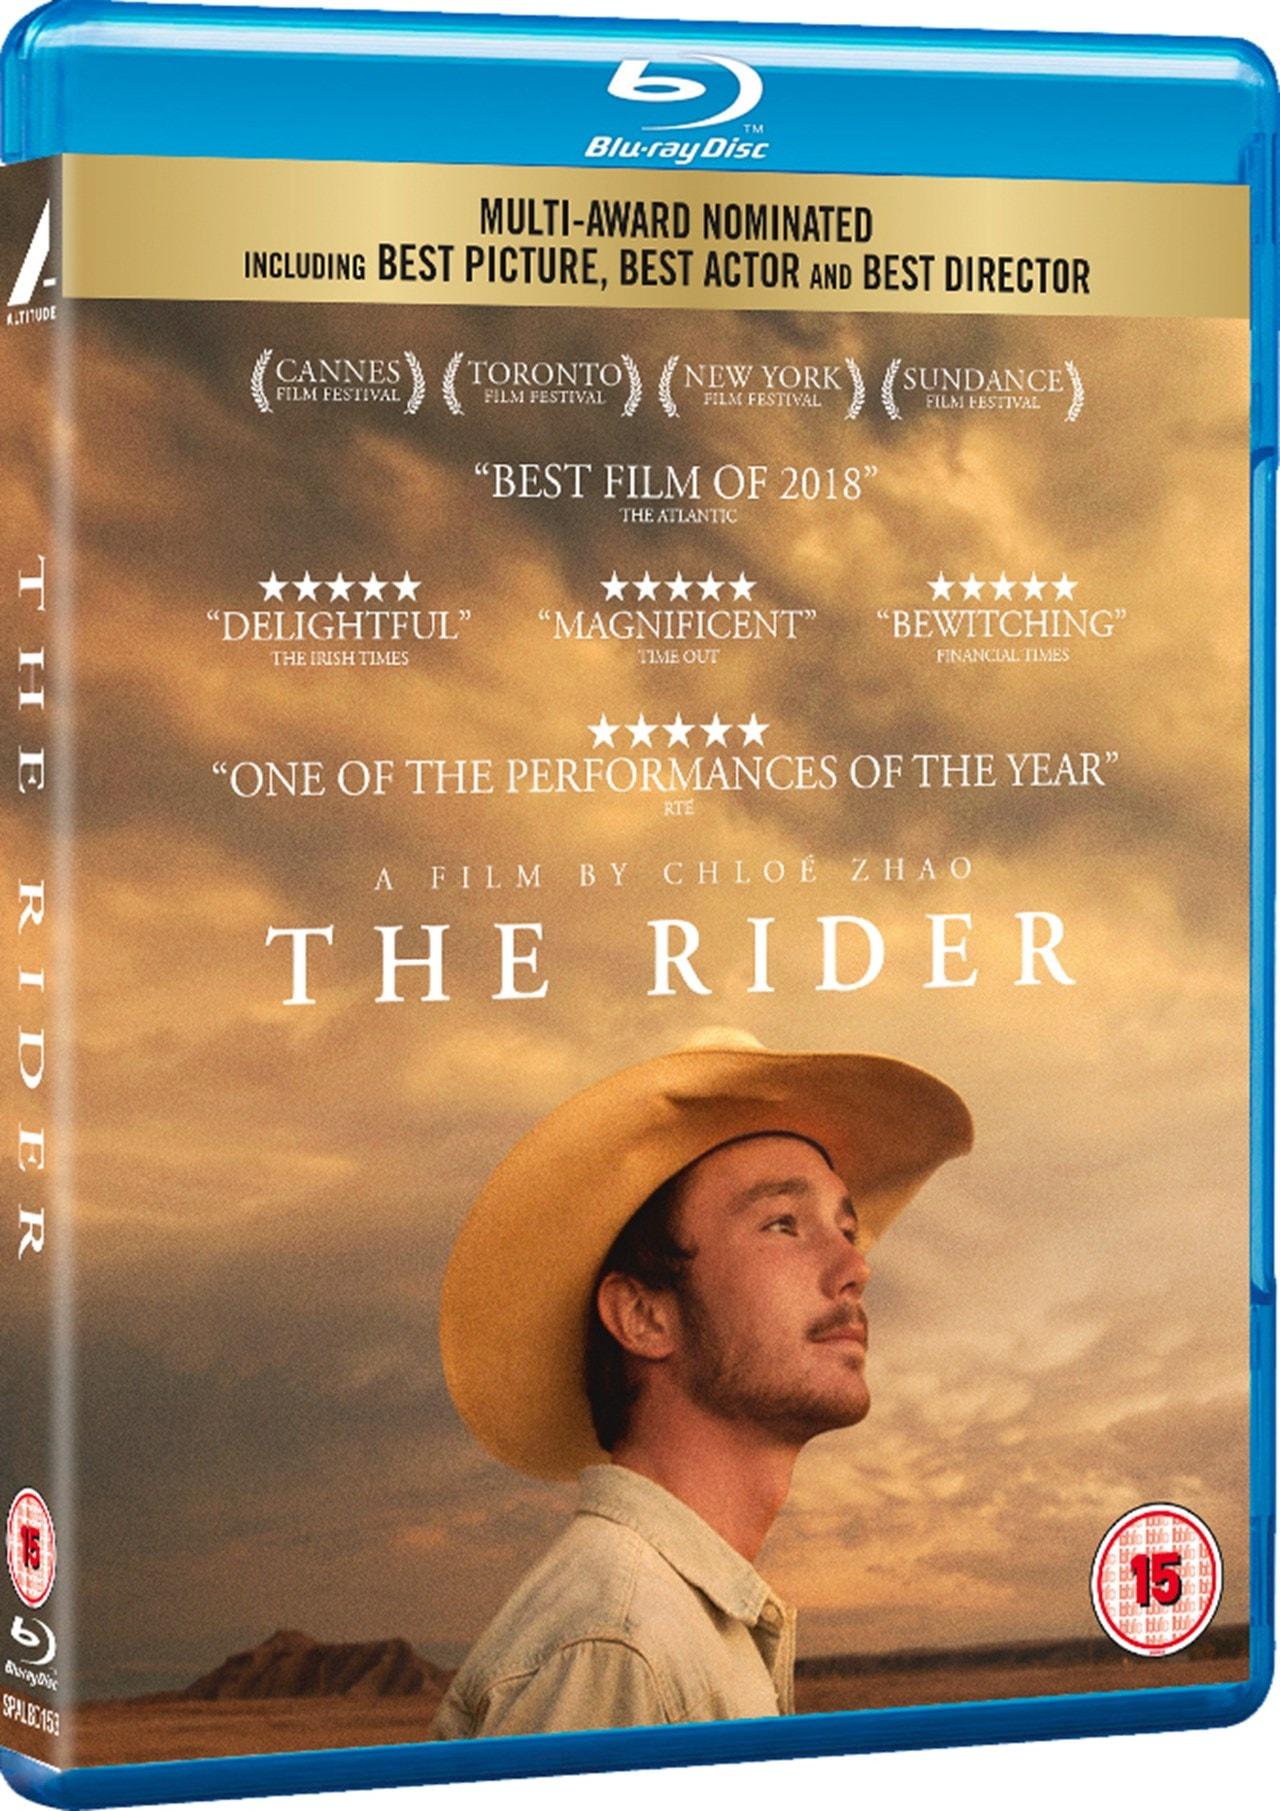 The Rider - 2